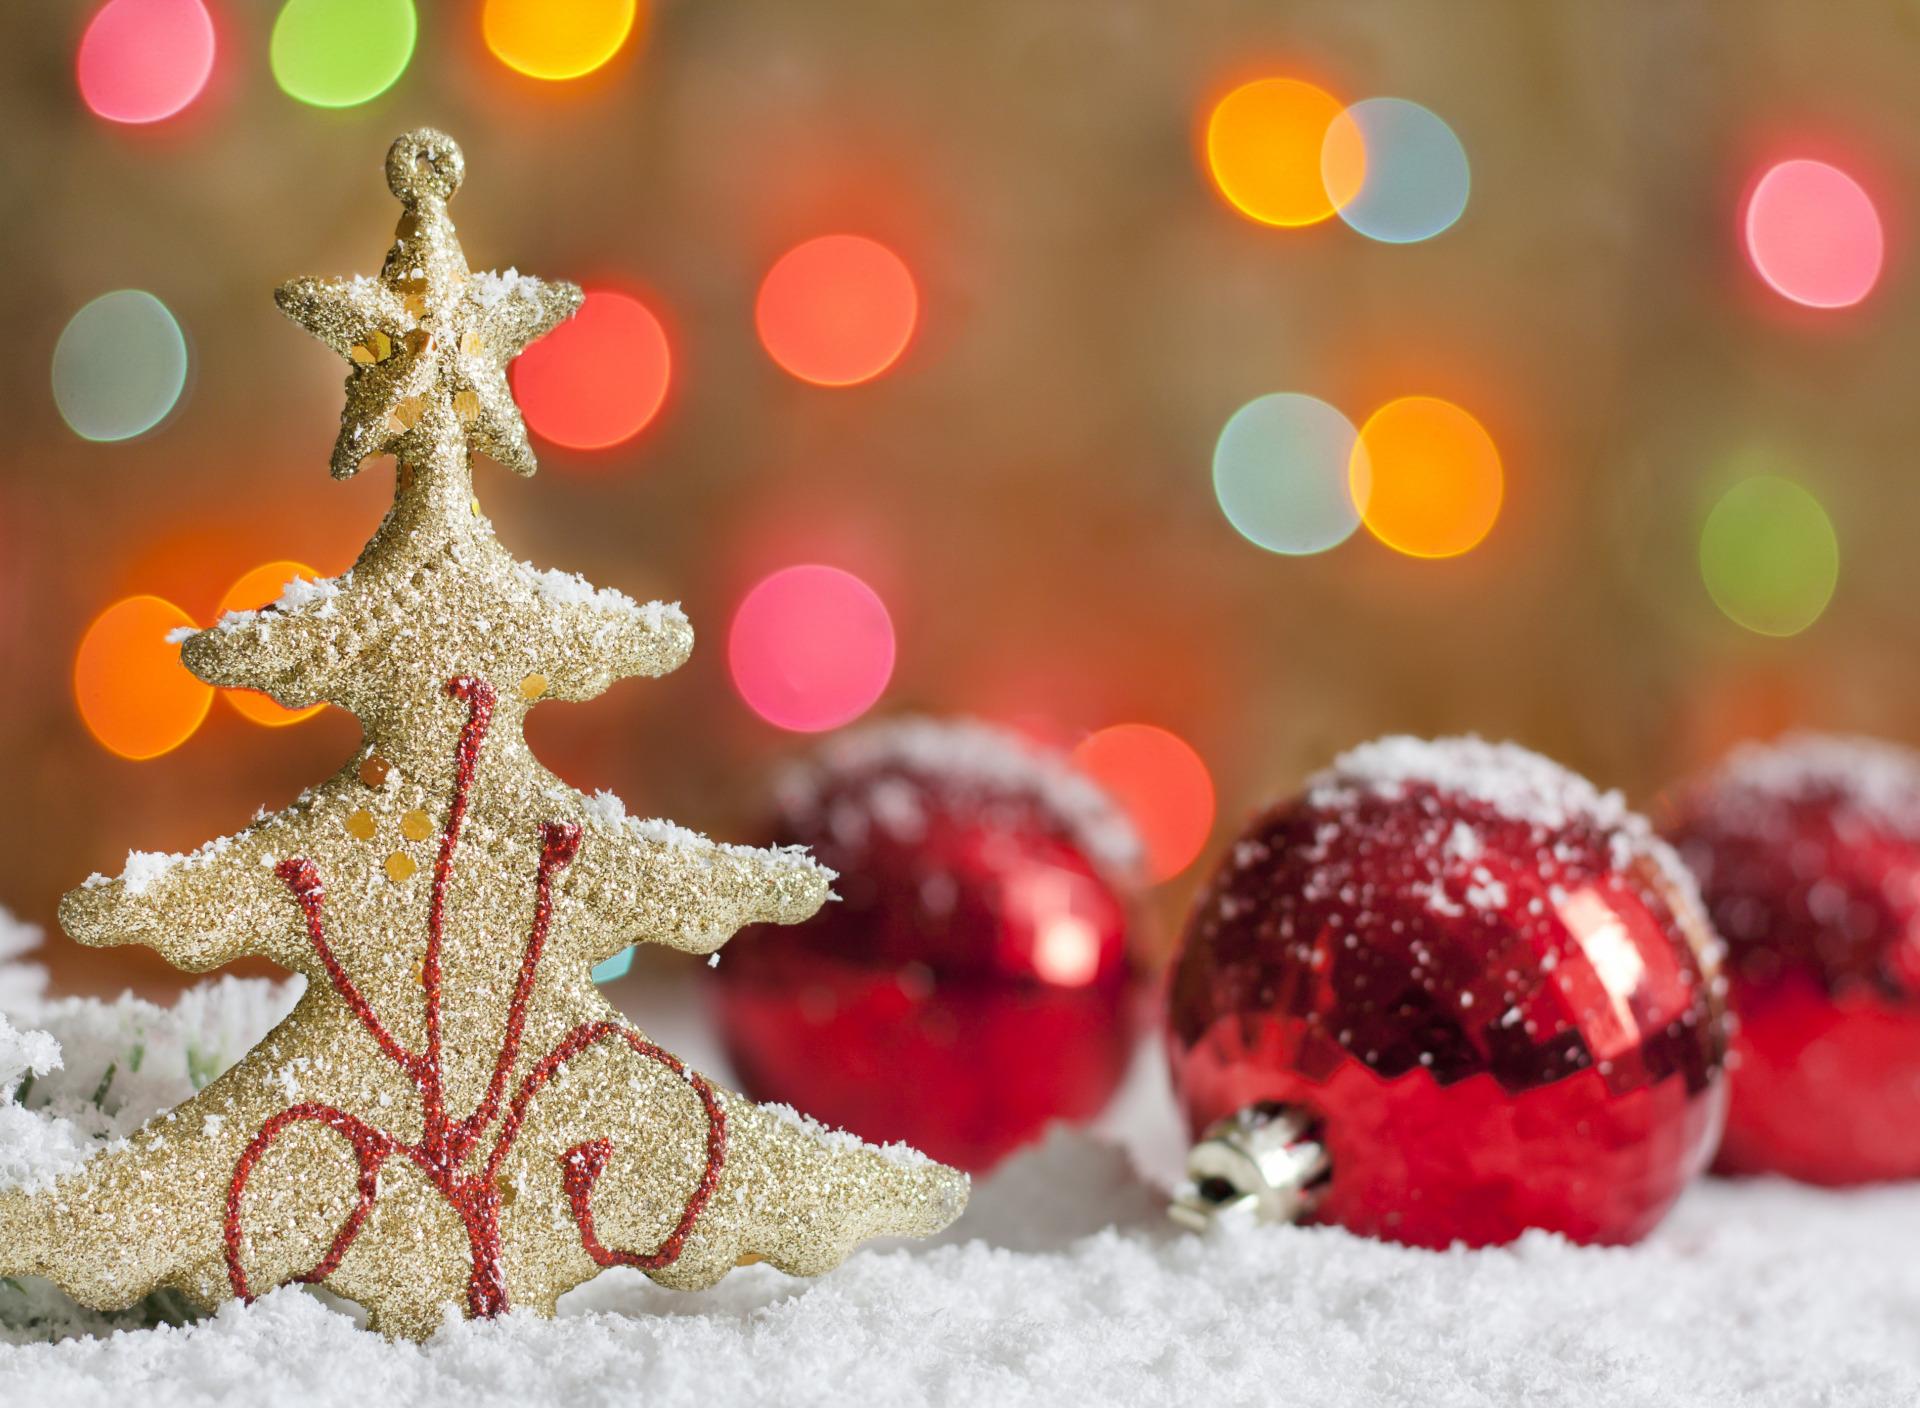 фактор, красивые картинки про новый год и зиму нежные такие воздушные